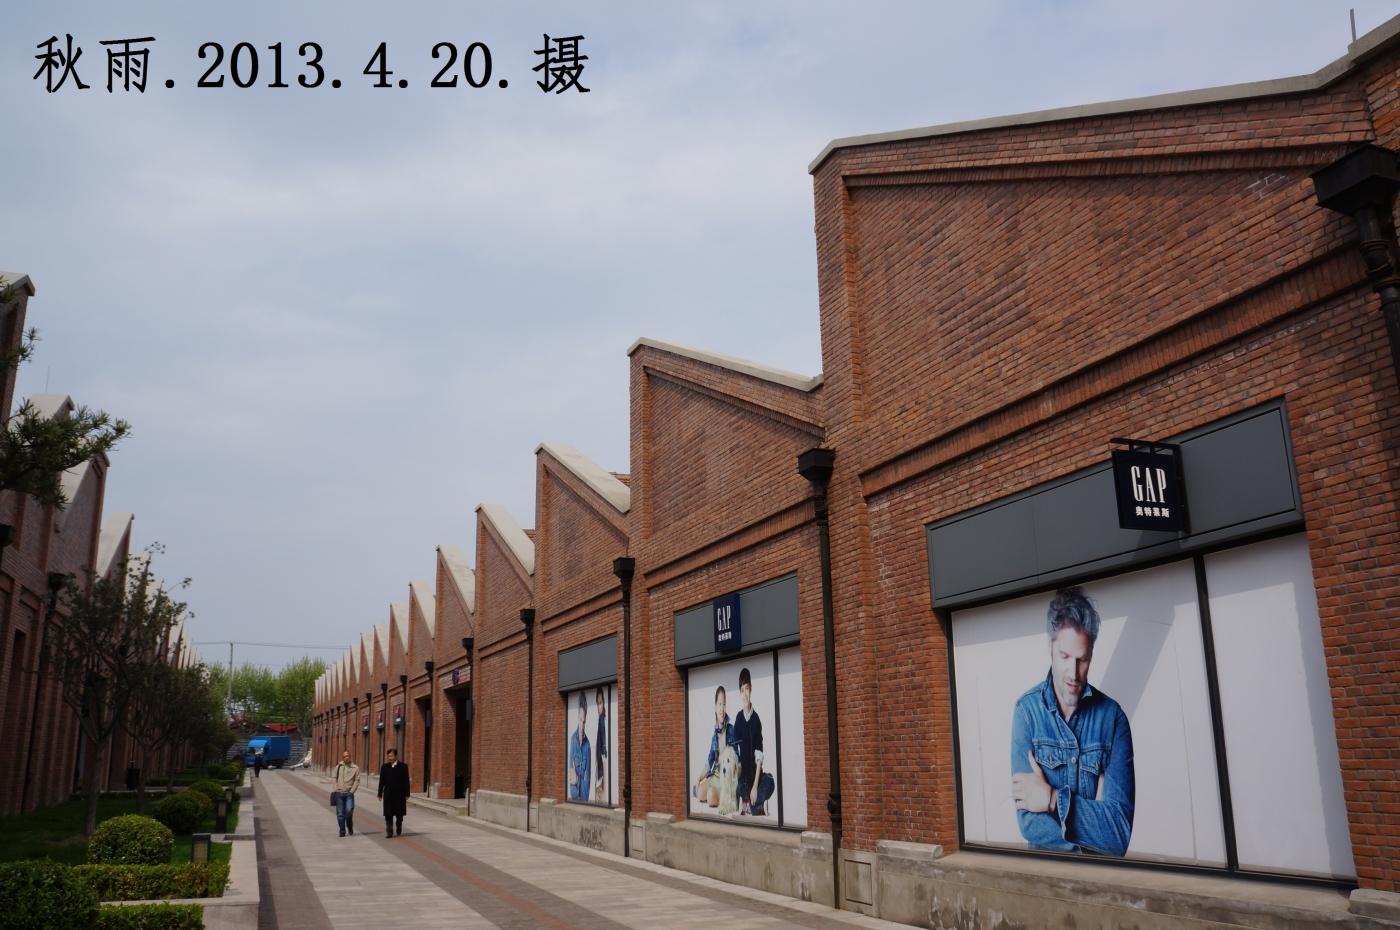 上海国际时尚中心,原国棉十七厂旧址(1),修旧如旧。摄影原创。 ..._图1-12